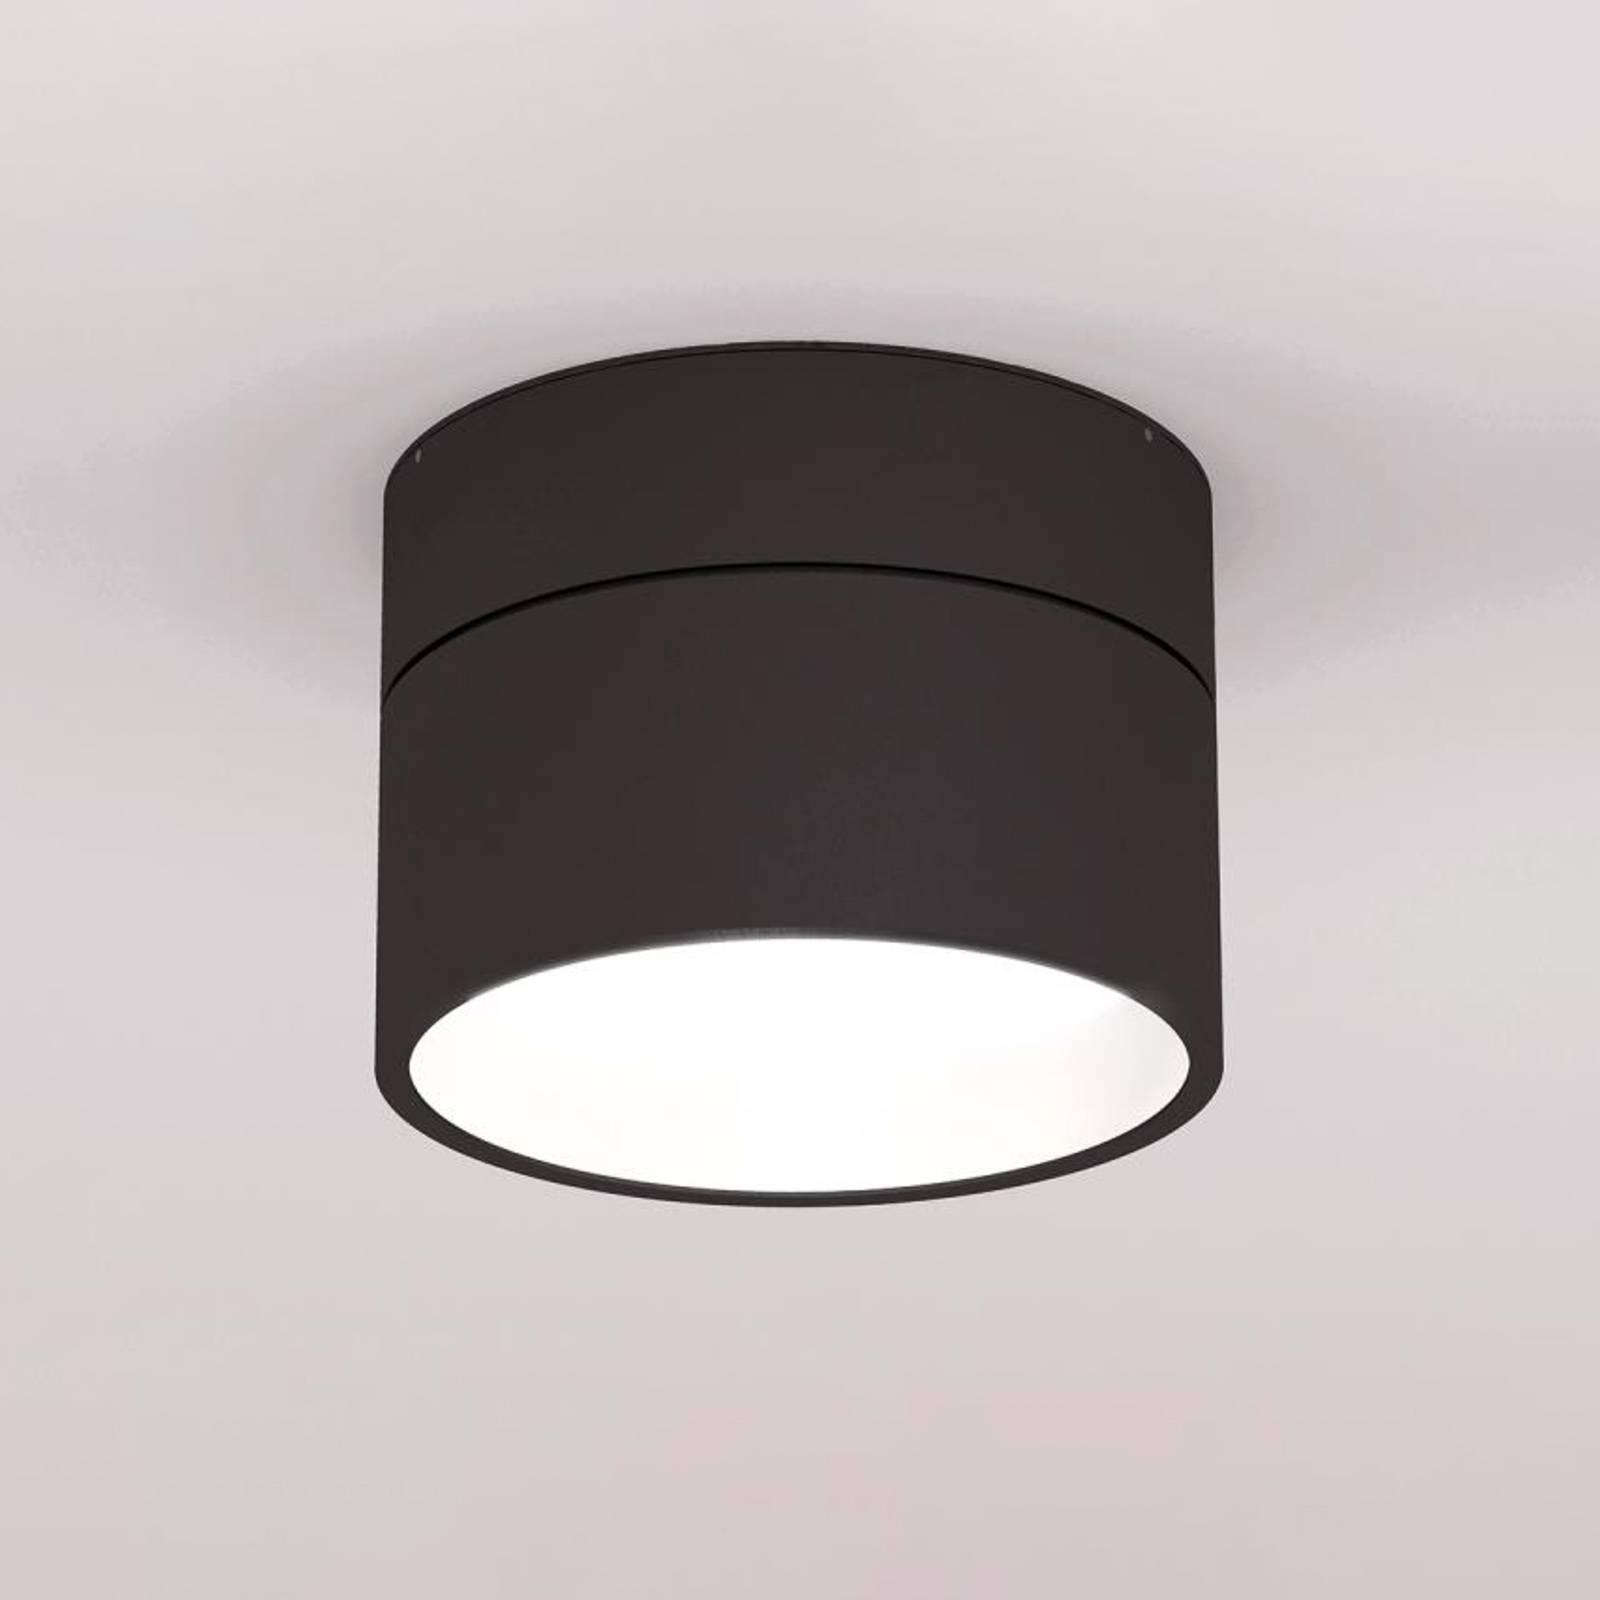 LOUM Turn on -LED-kattovalaisin 2 700 K